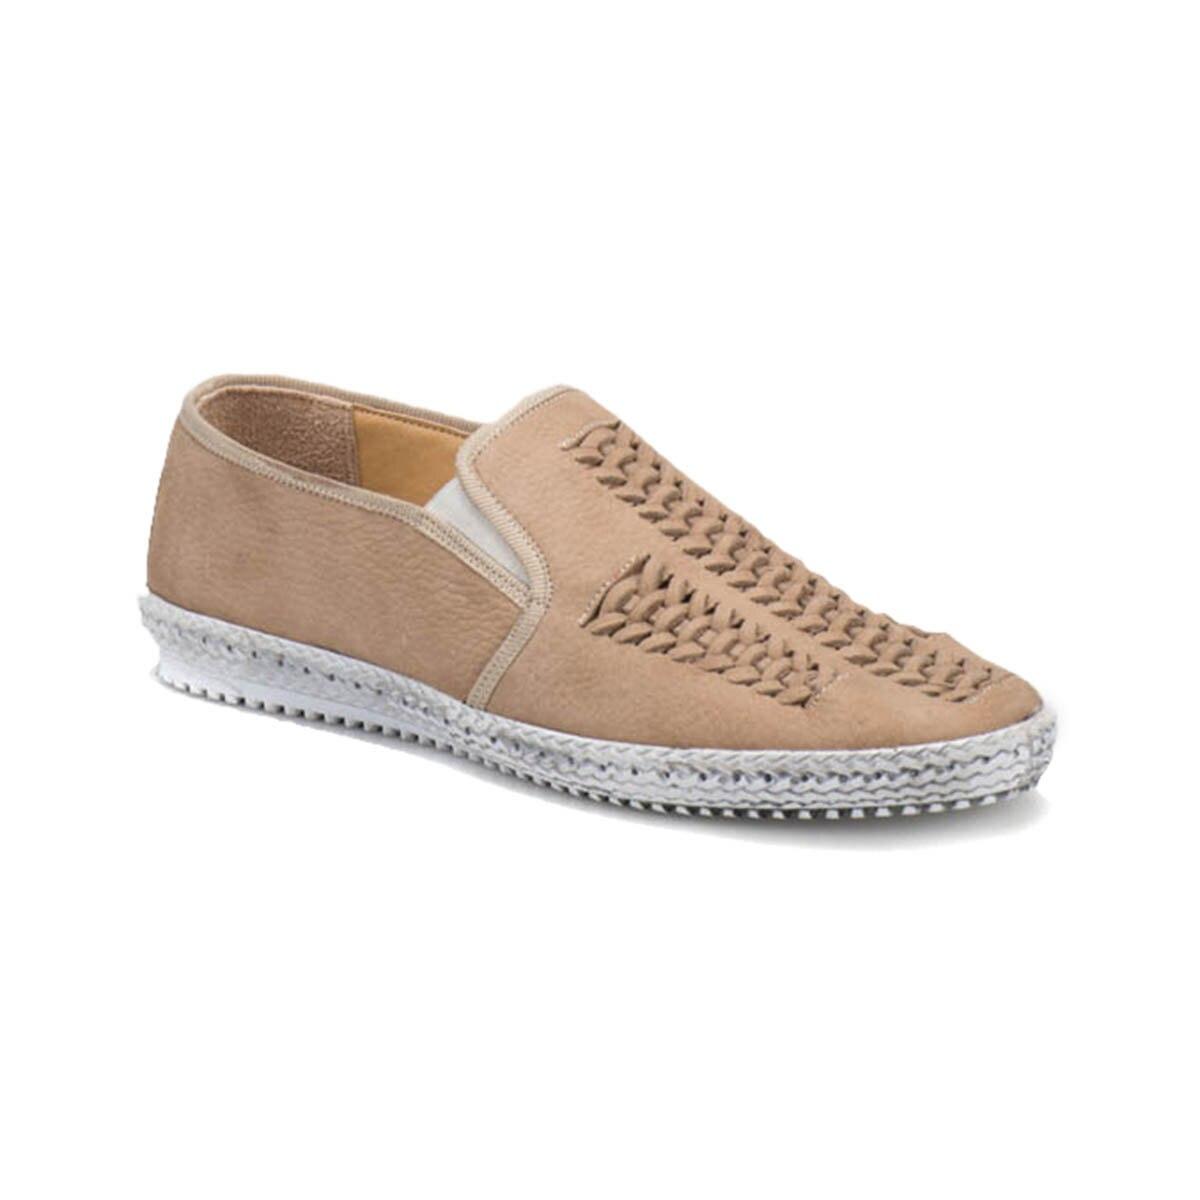 FLO G-97 M 1455 Sand Color Men Shoes Flogart